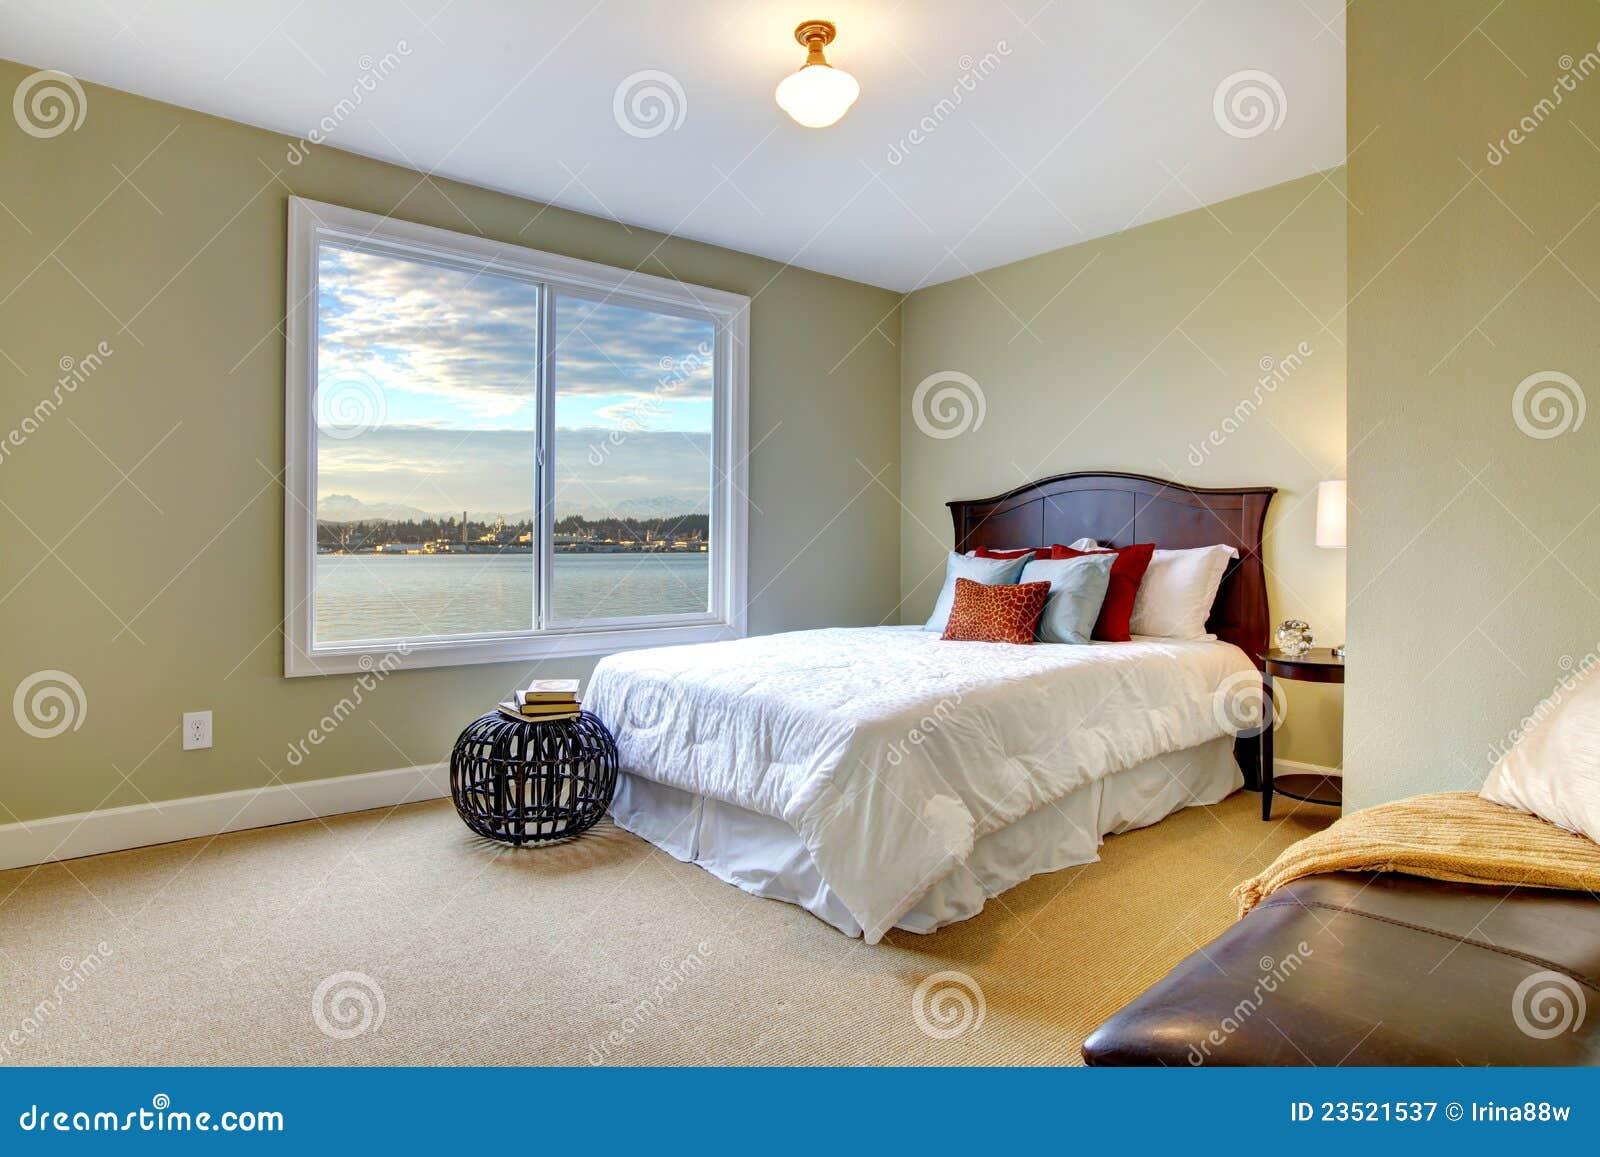 Camere Da Letto Verde Tiffany : Grande camera da letto verde con la vista bianca dellacqua e della